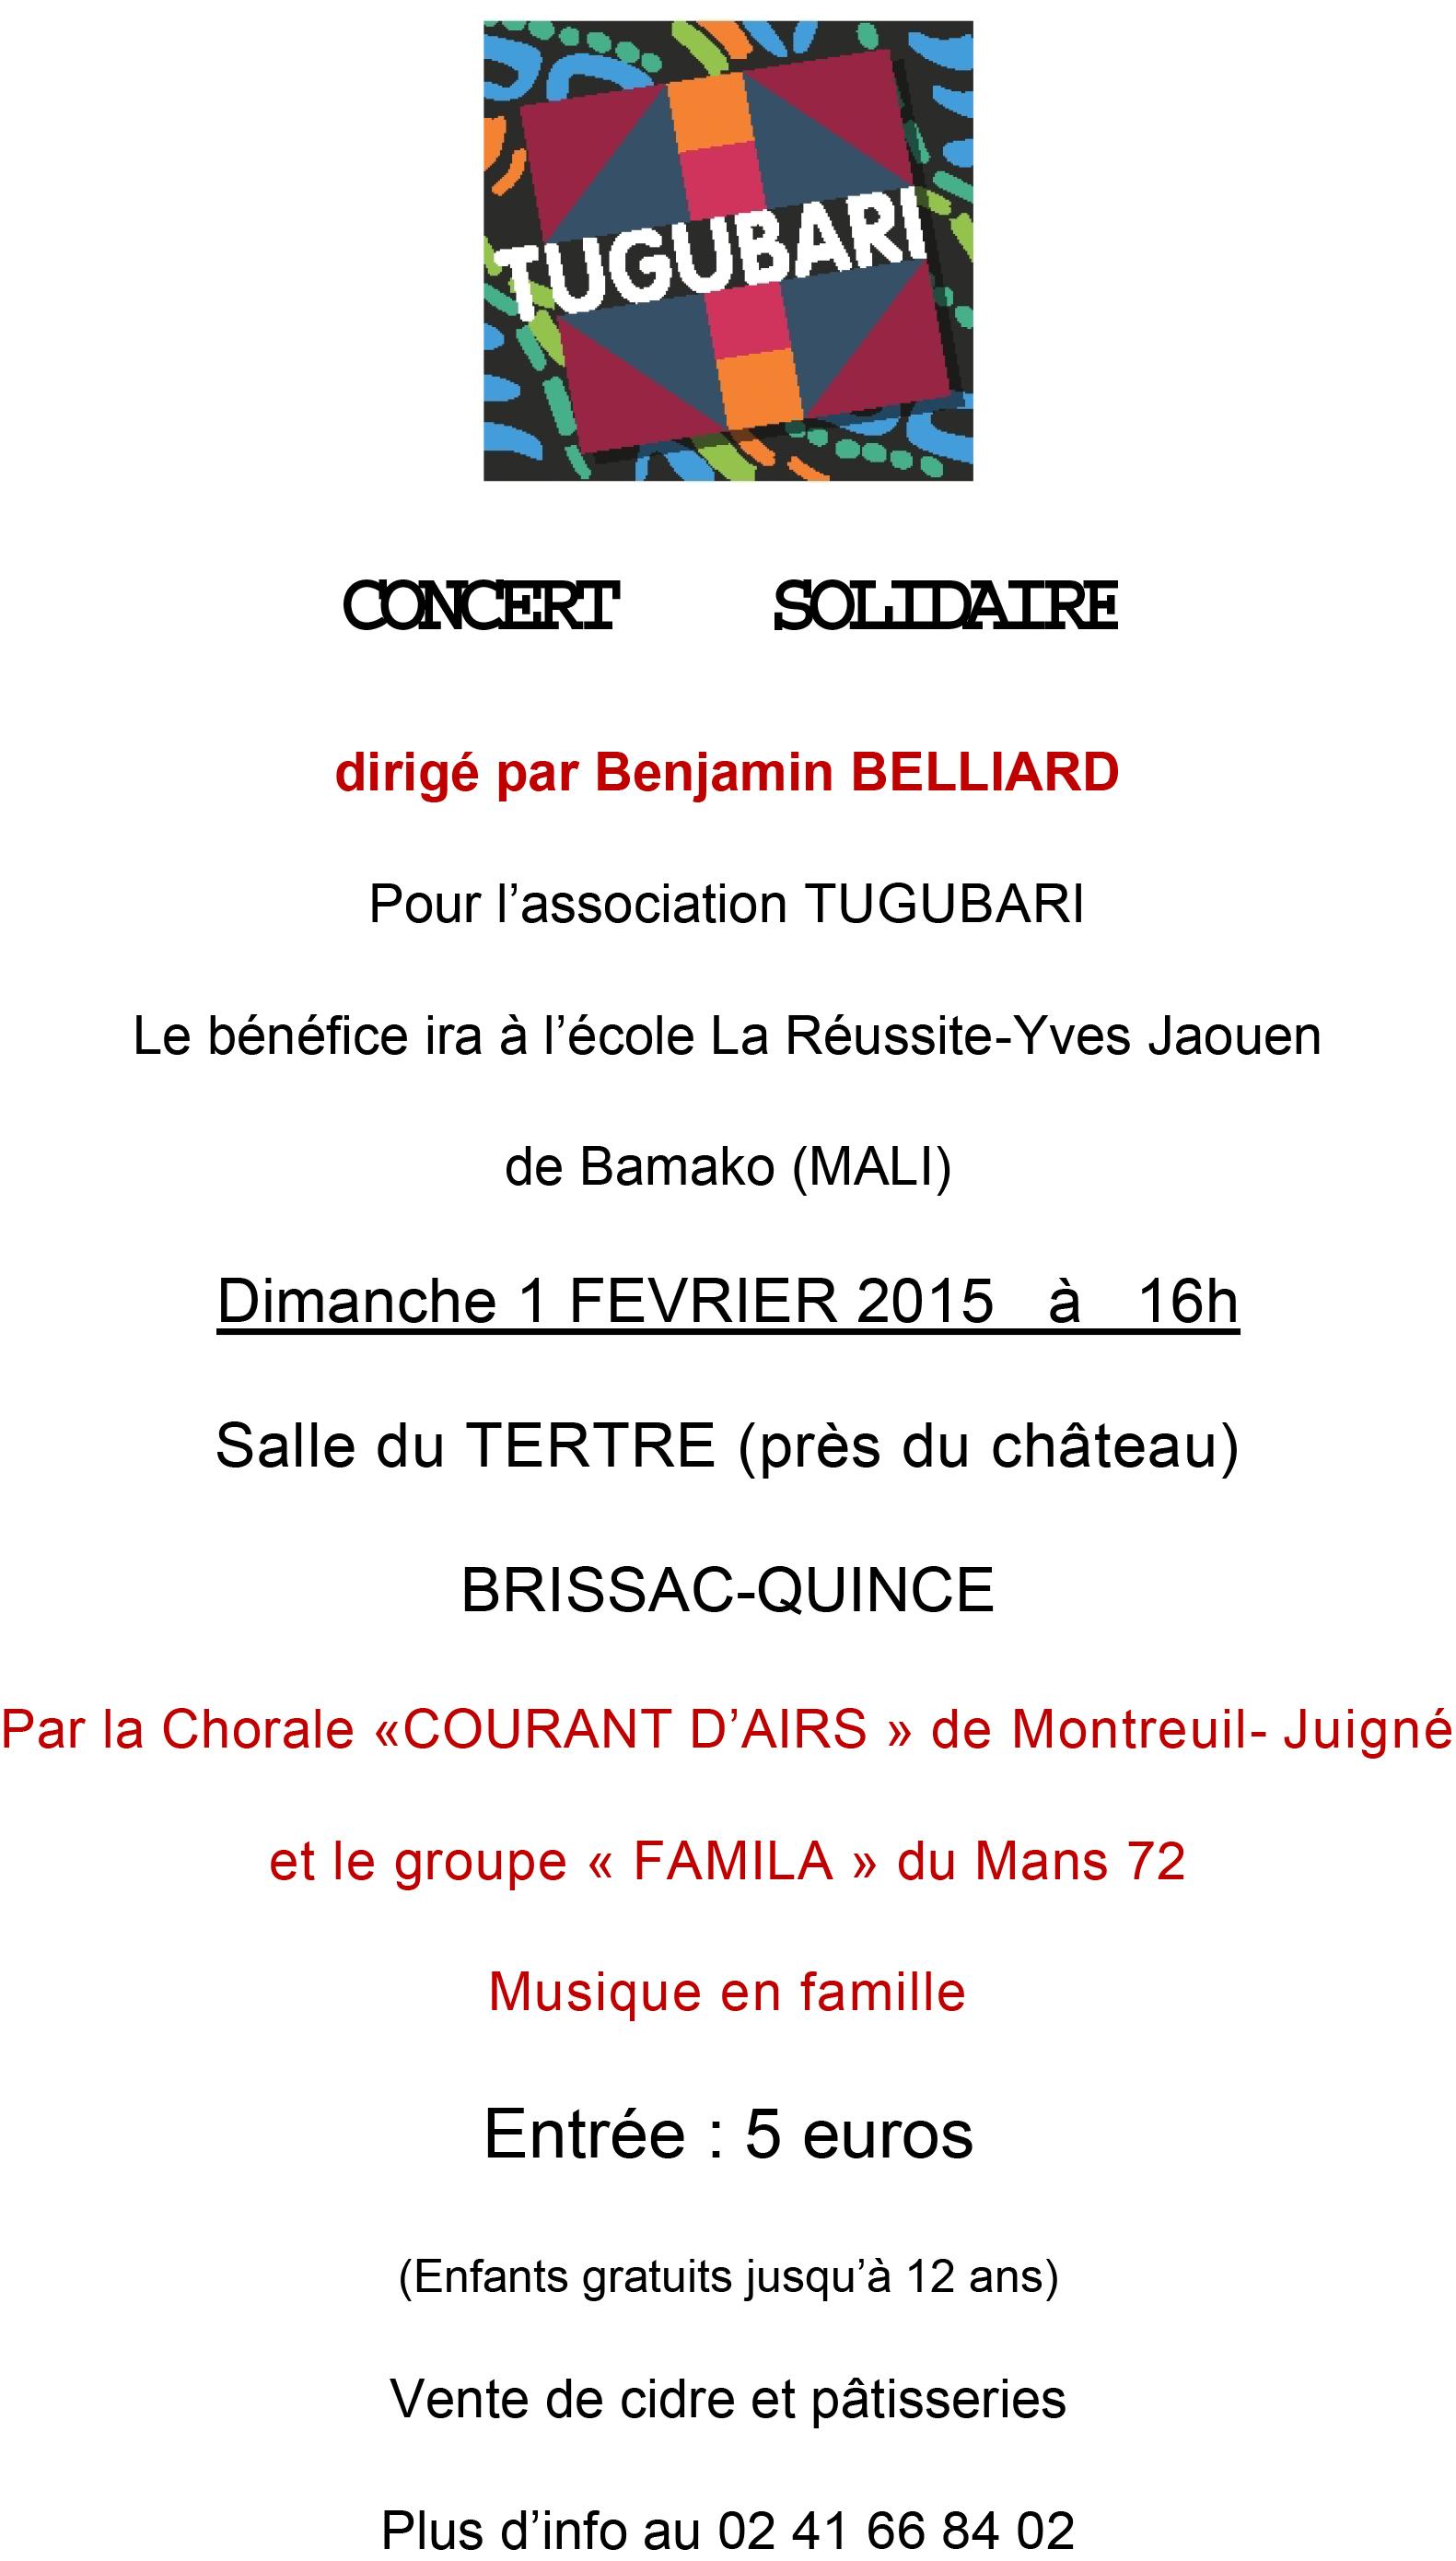 Concert solidaire à Brissac-Quincé, Maine-et-Loire